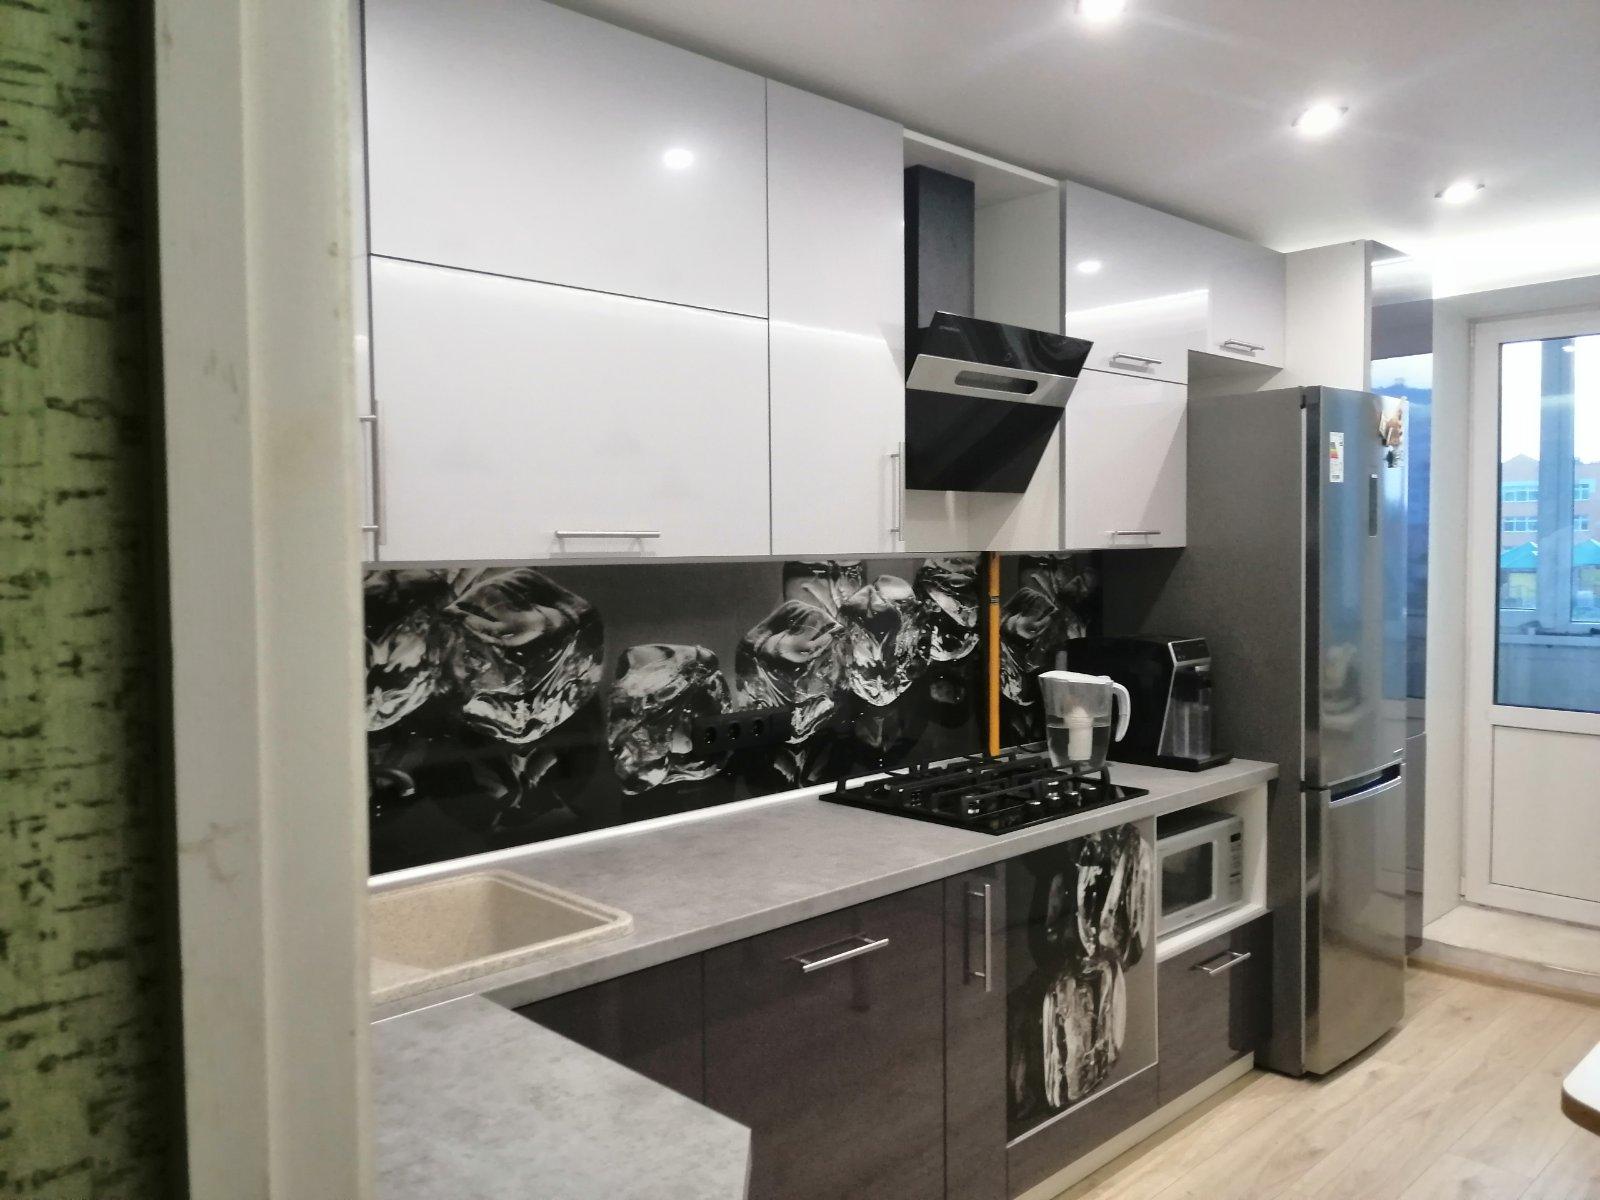 Оригинальное решение сочетания белого и черного цвета на кухне